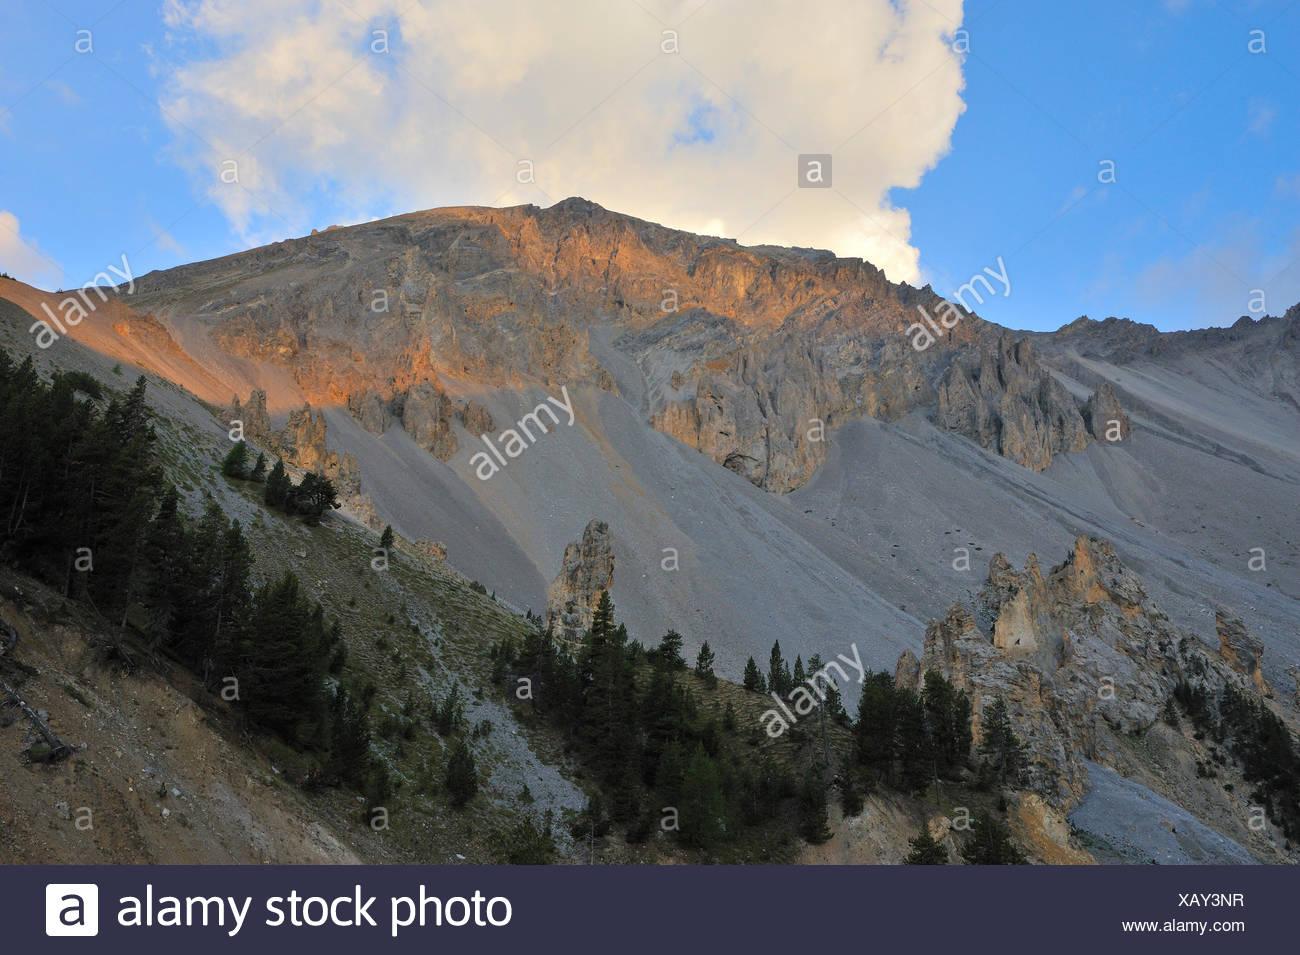 Alpes, France, l'érosion, coucher de soleil, les intempéries, les montagnes, le coucher du soleil, l'Europe, Photo Stock